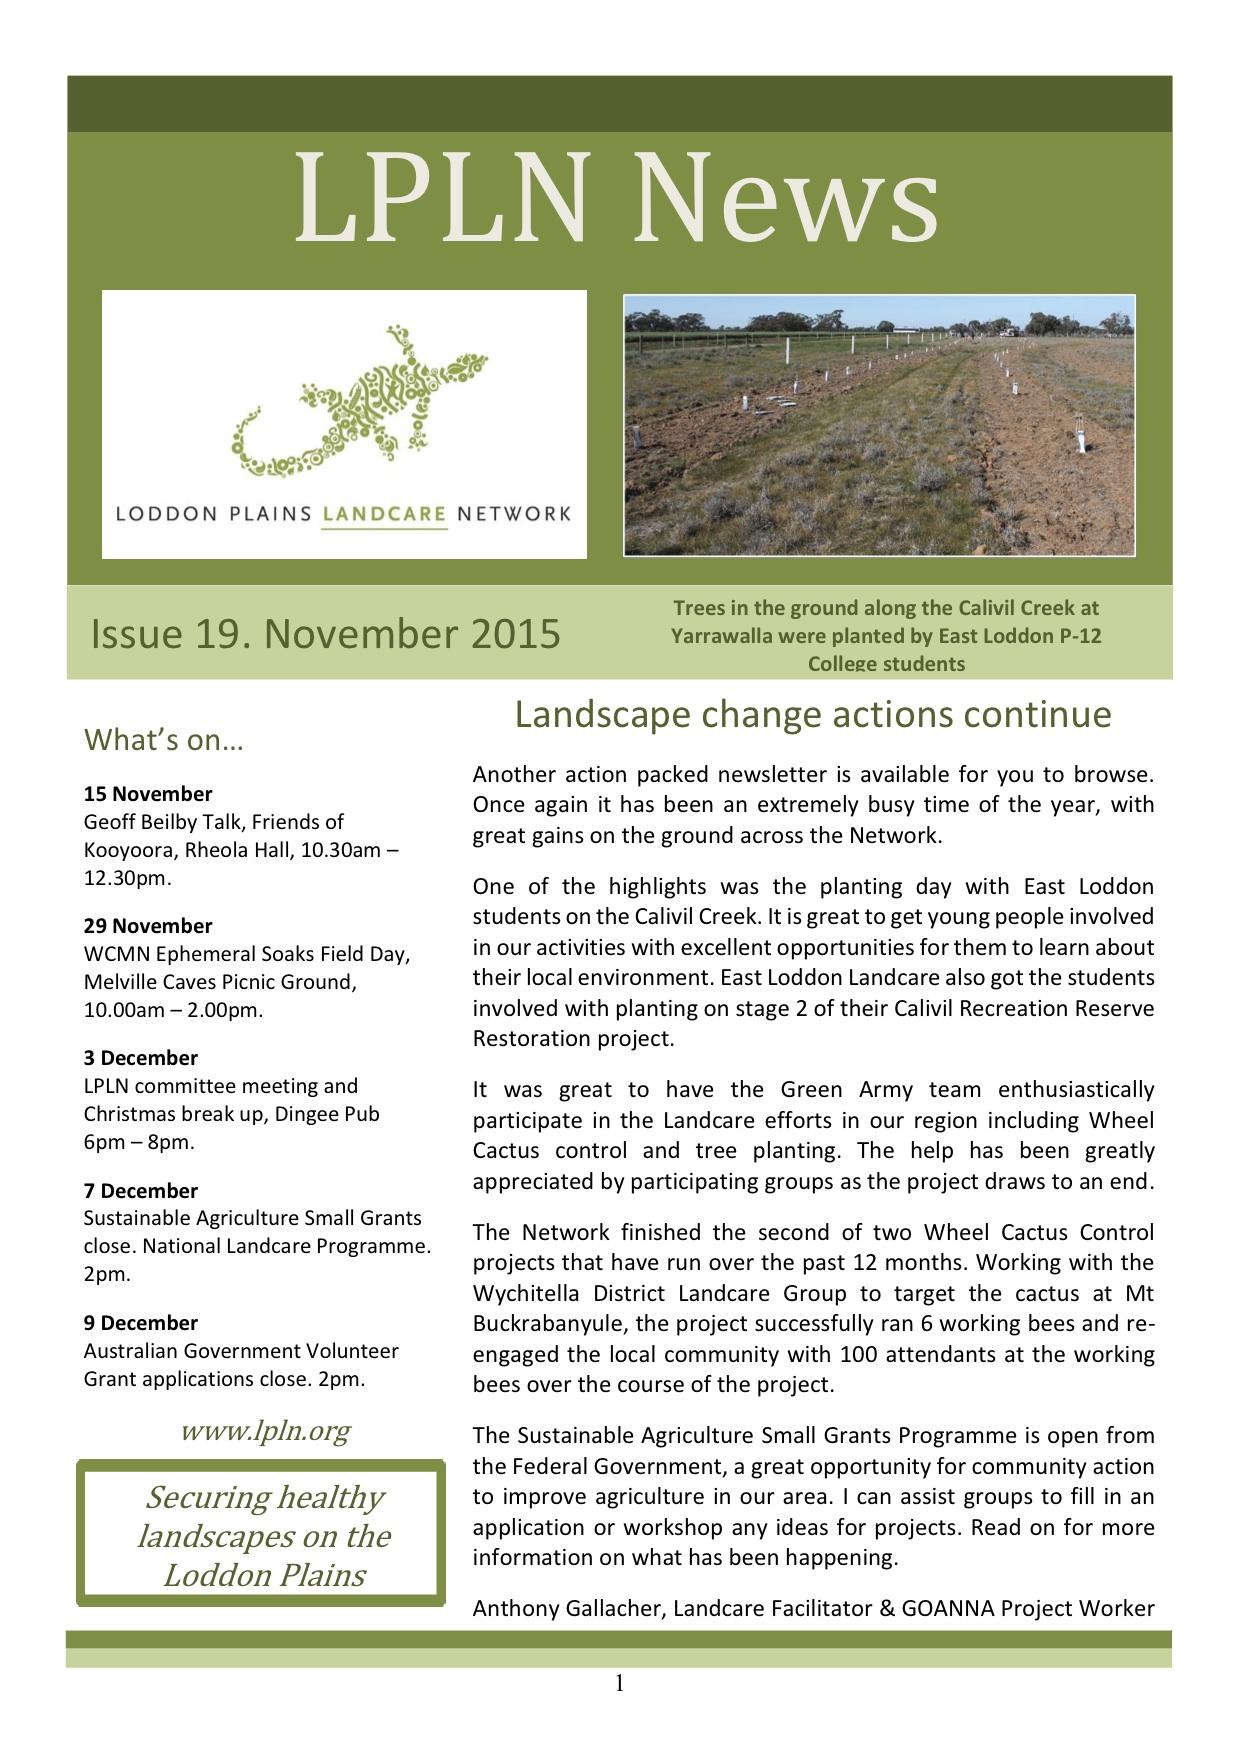 LPLN-newsletter-November-2015.jpg